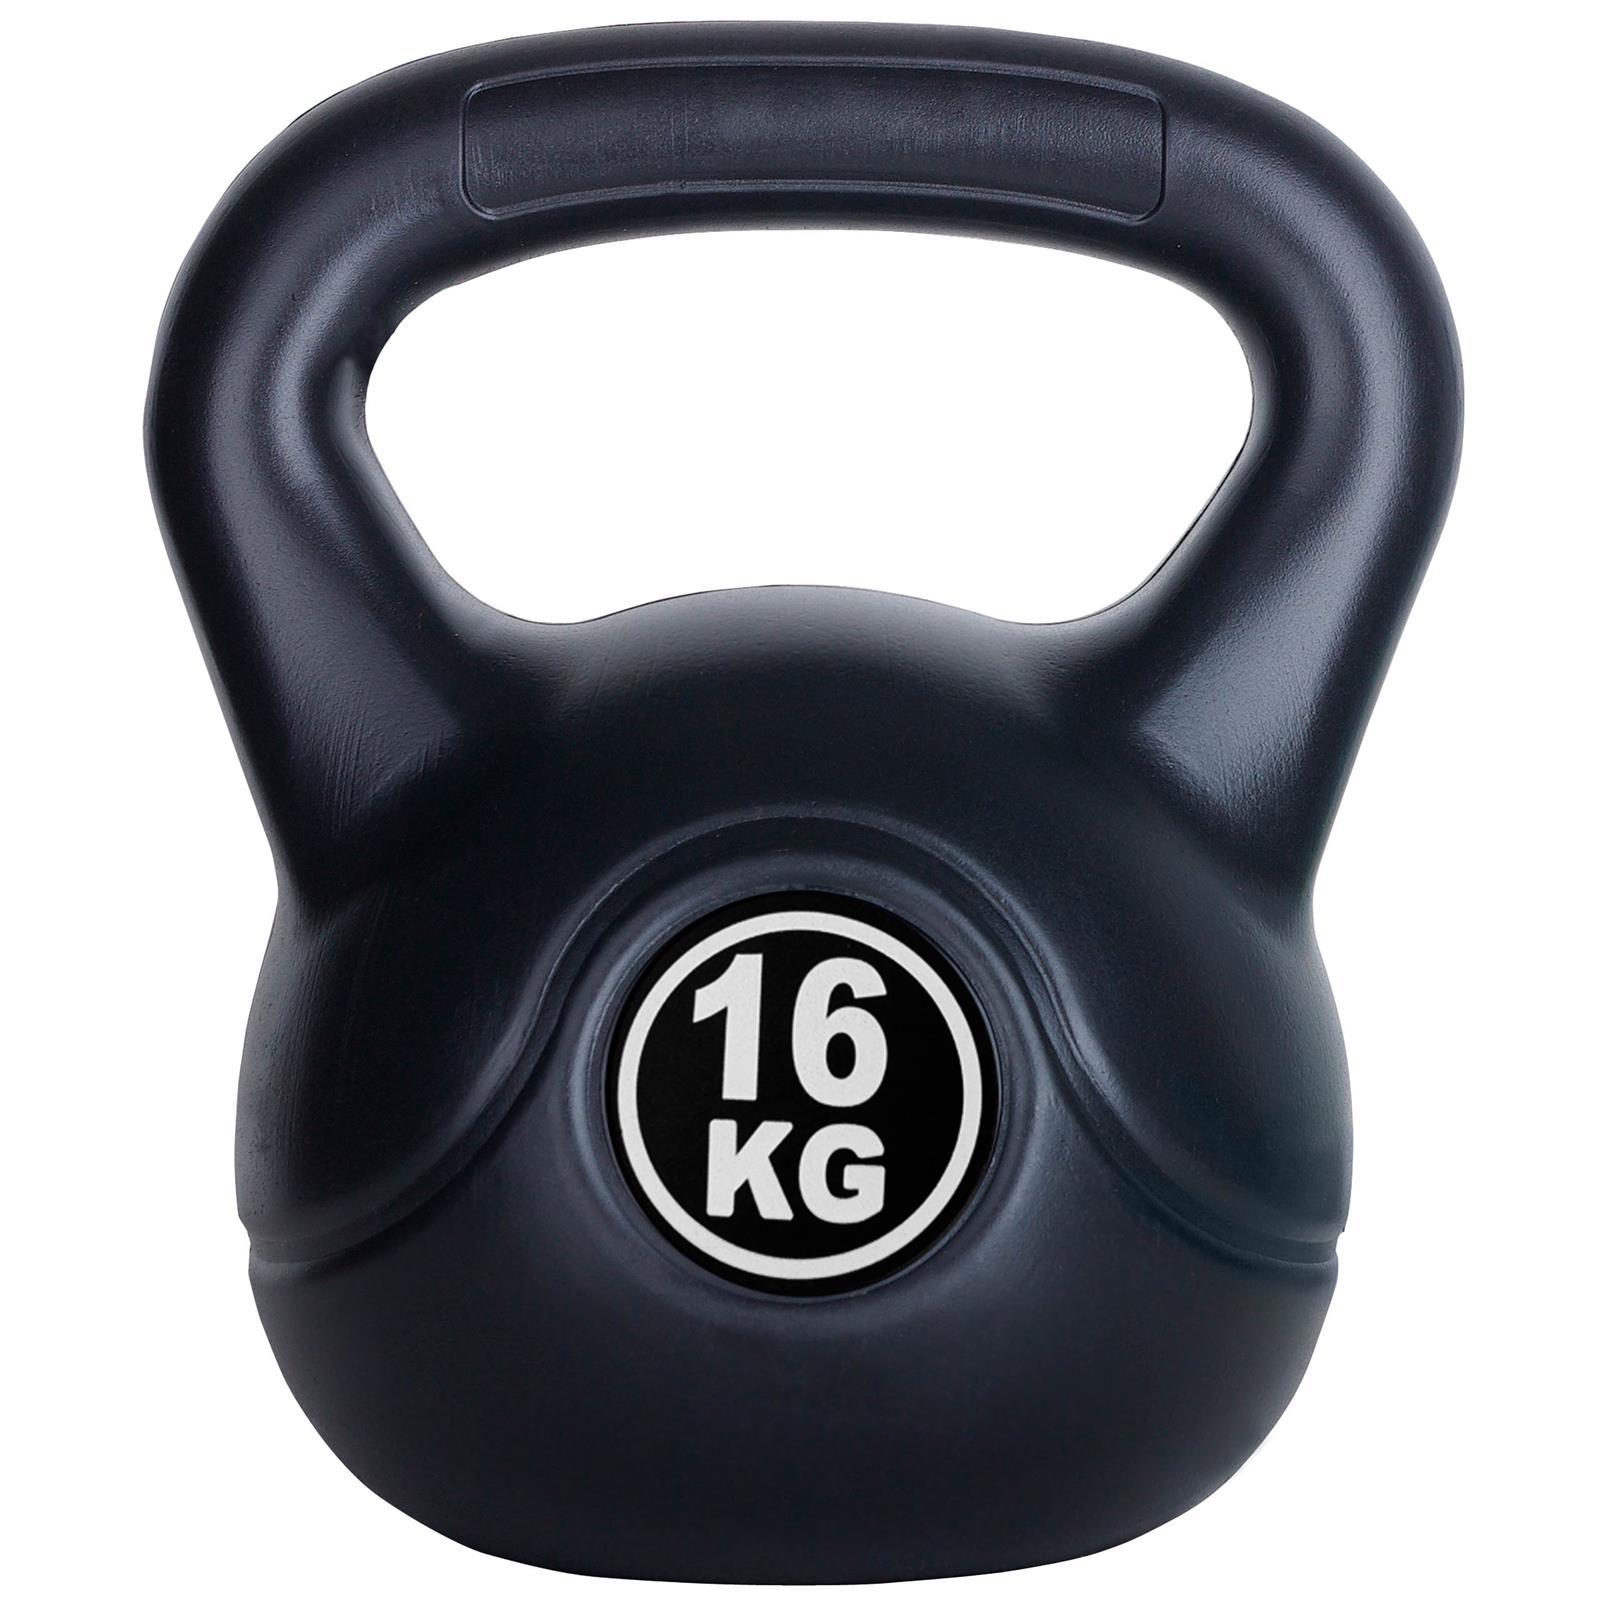 Kettlebell Kugelhantel Rundgewicht Kugelgewicht Kraftsport Schwunghantel 8-16kg